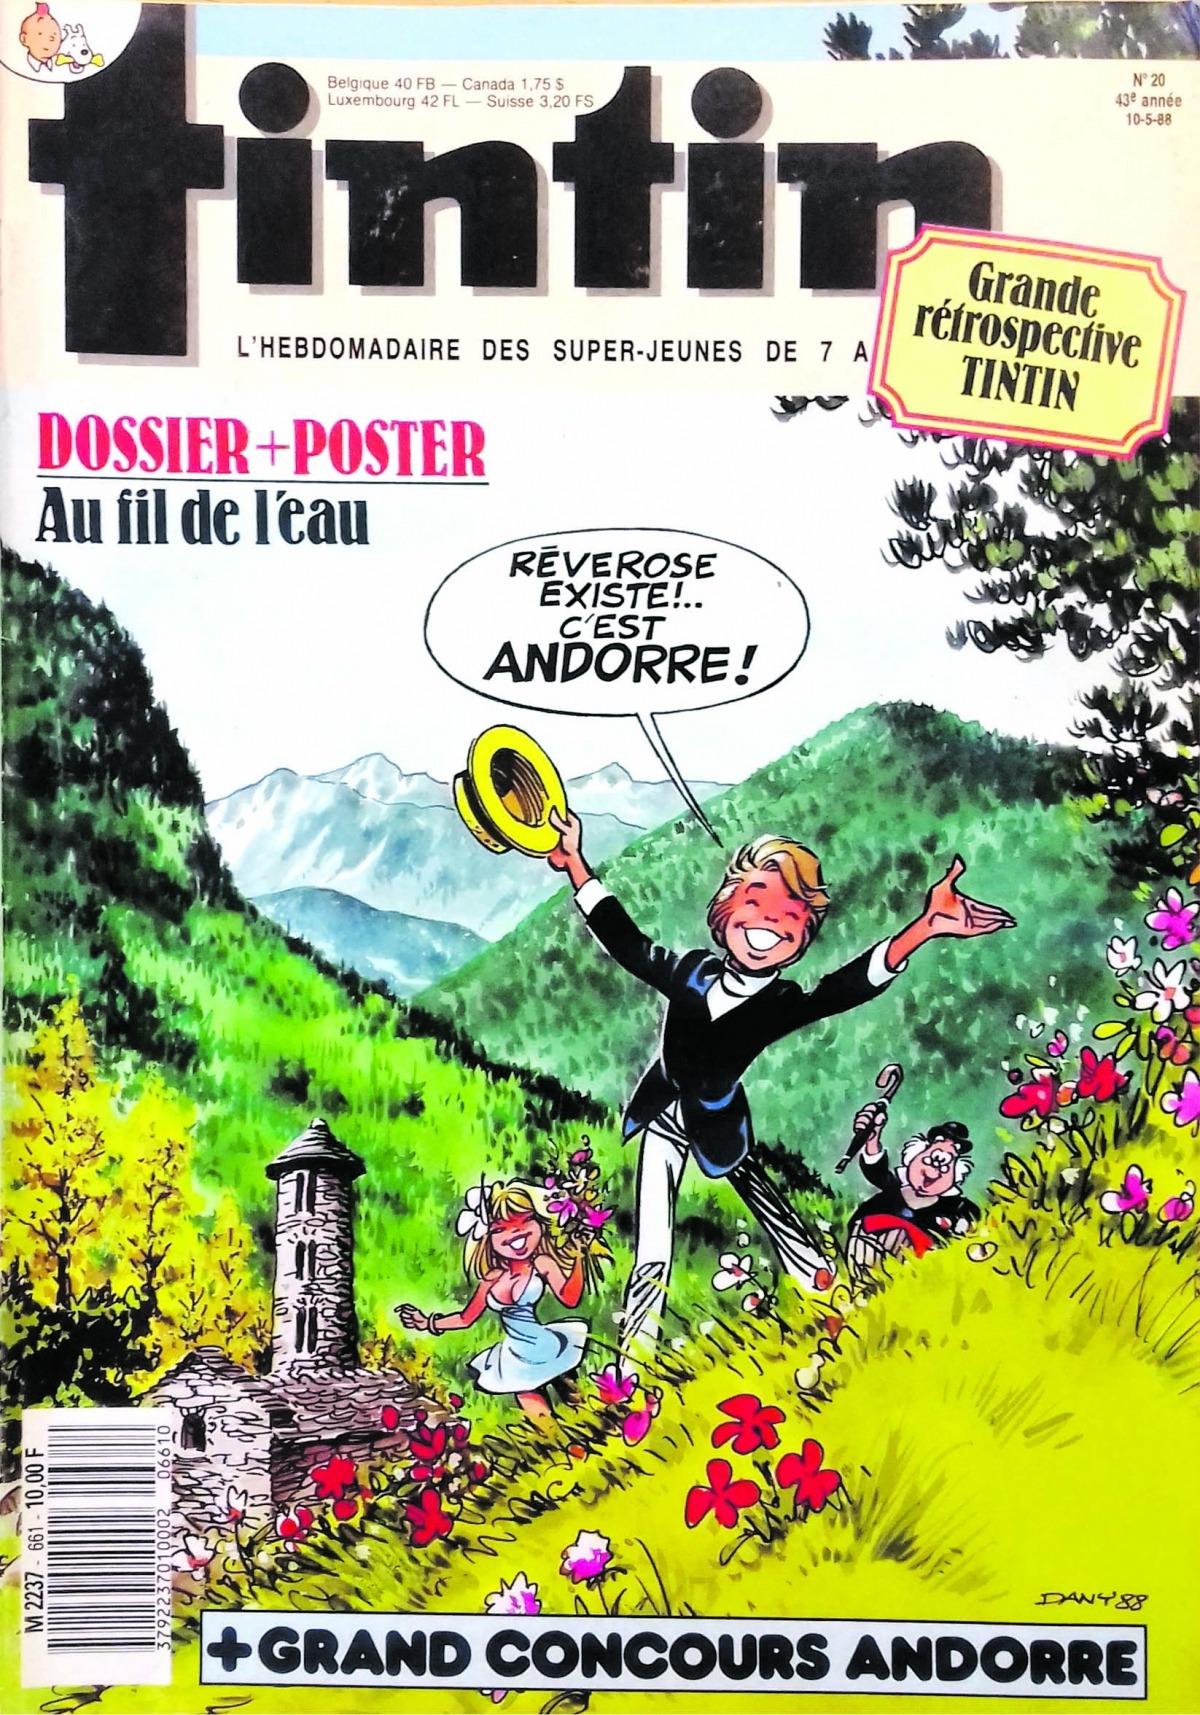 Olivier Rameau, la bella Colombe i el fidel Pertinent es pensen que són a Rêverose, però no, millor encara: és Andorra.